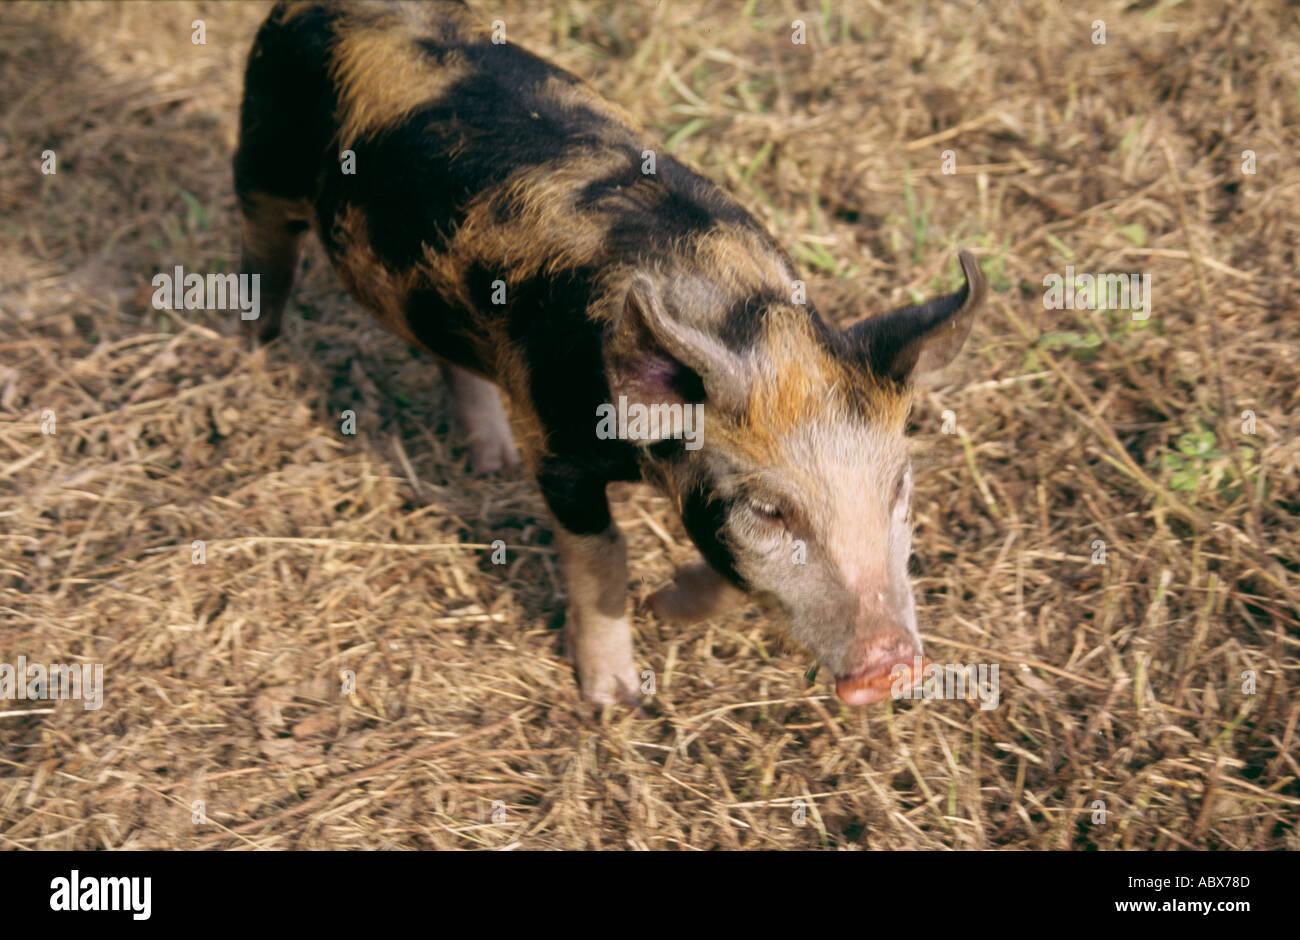 Baby Boar Pig Wild Hog